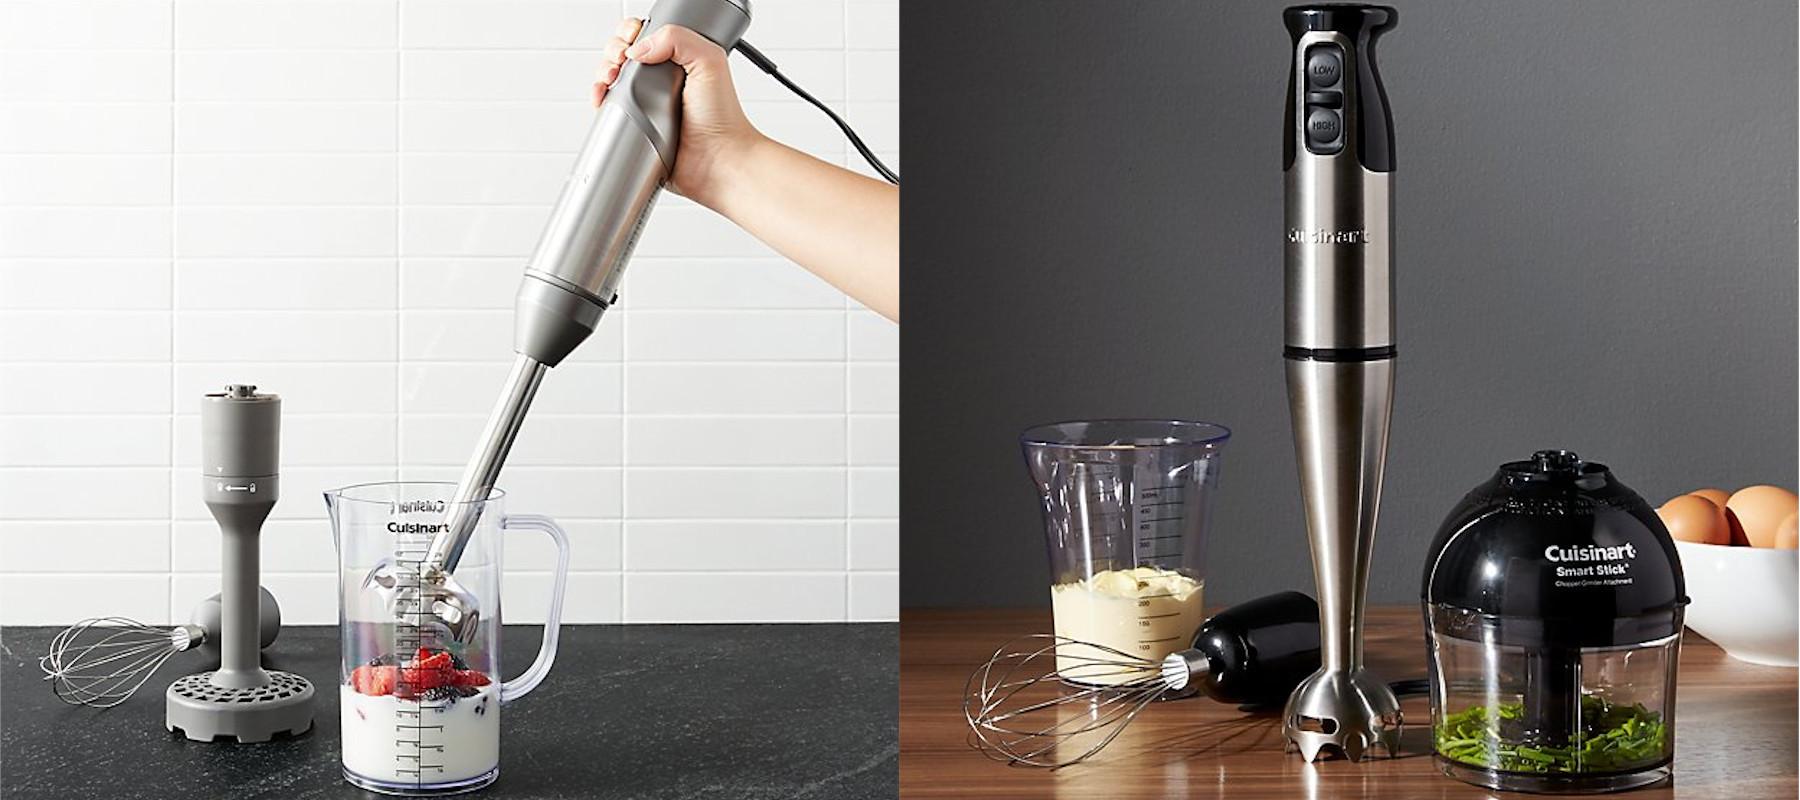 Cuisinart Hand Blender